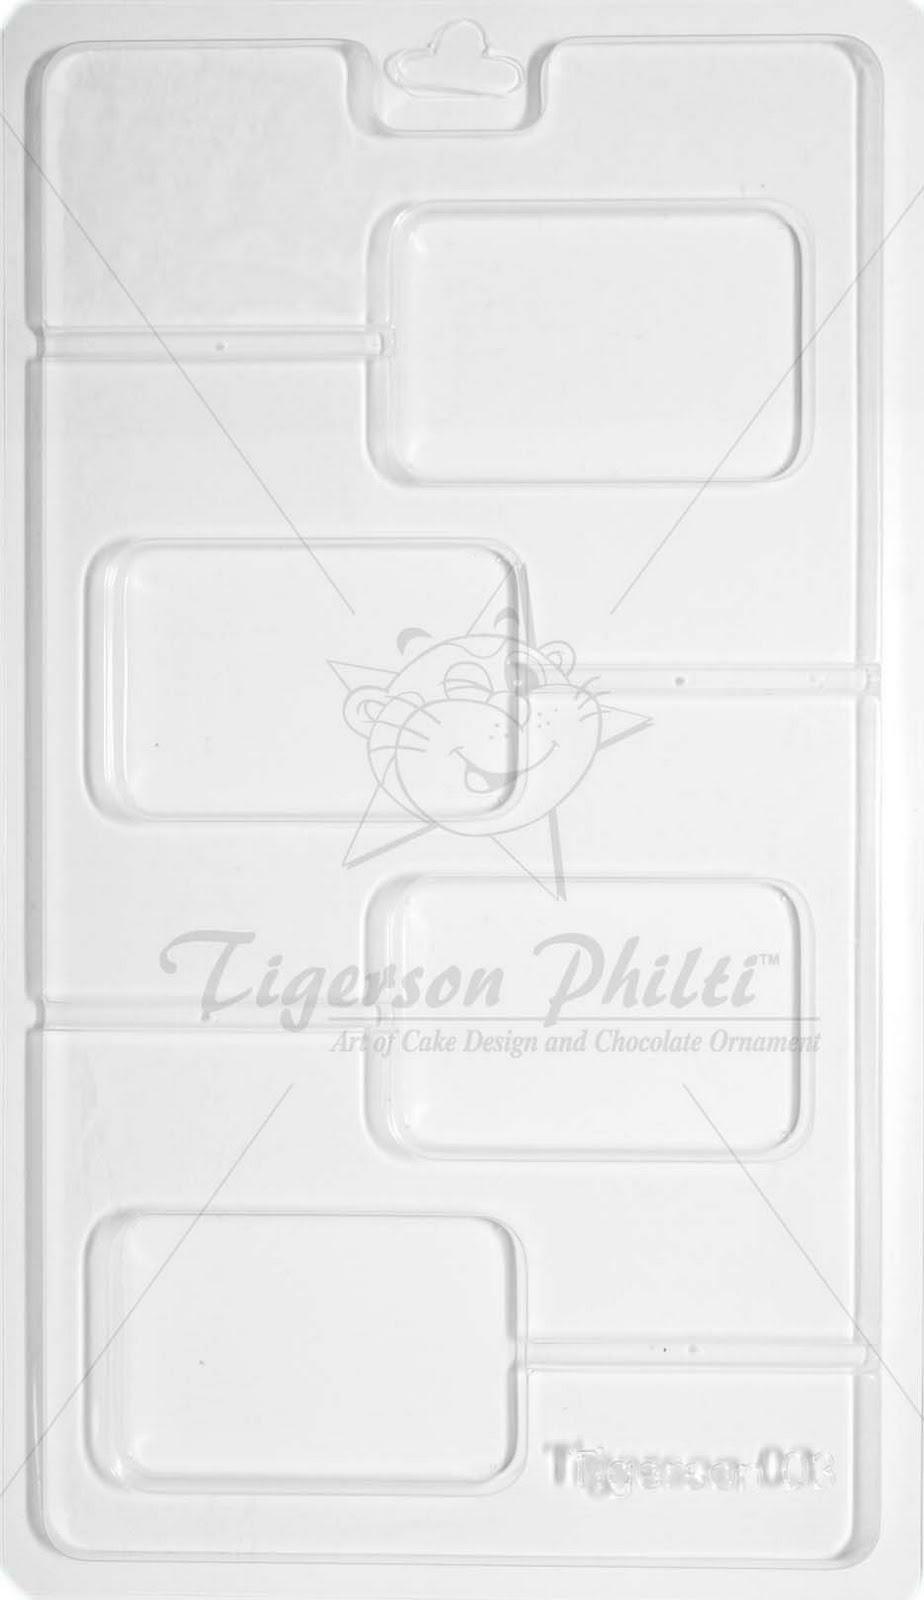 Stencil Guide ~ Tigerson Philti